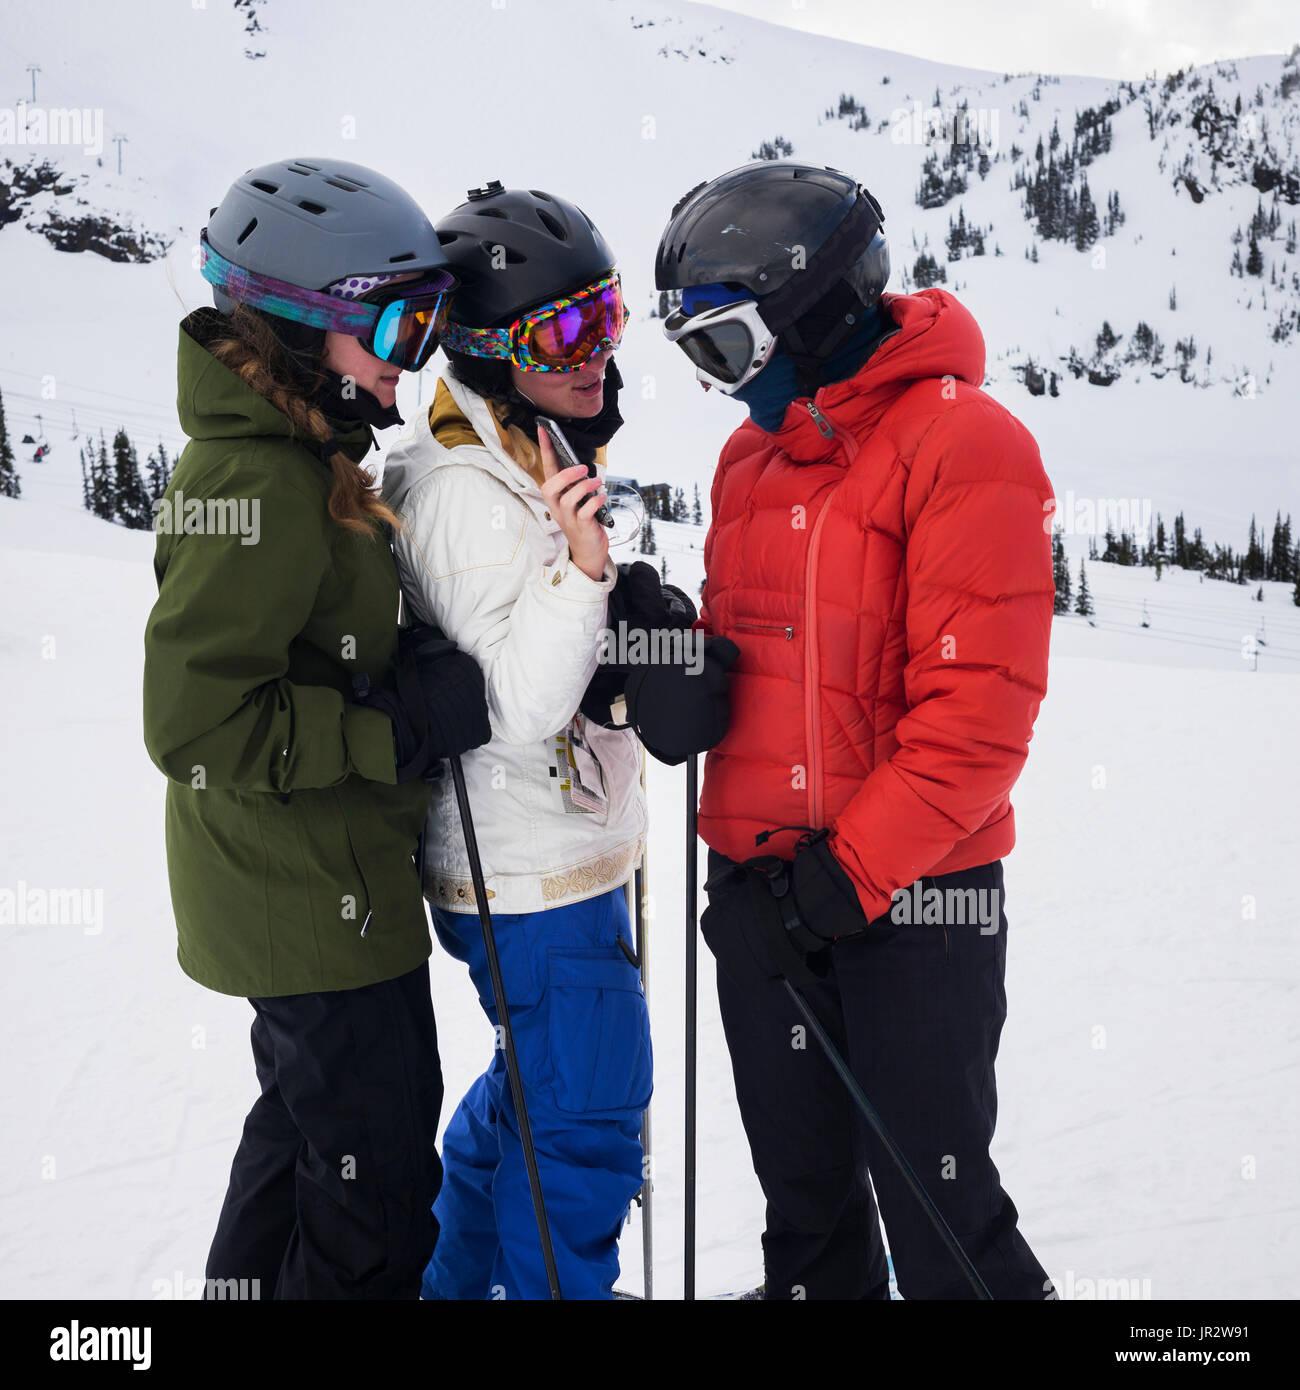 Drei junge Erwachsene Frauen auf der Suche nach ein Handy beim Stehen und Bereit zum Ski an einem Skigebiet, Whistler, British Columbia, Kanada Stockbild